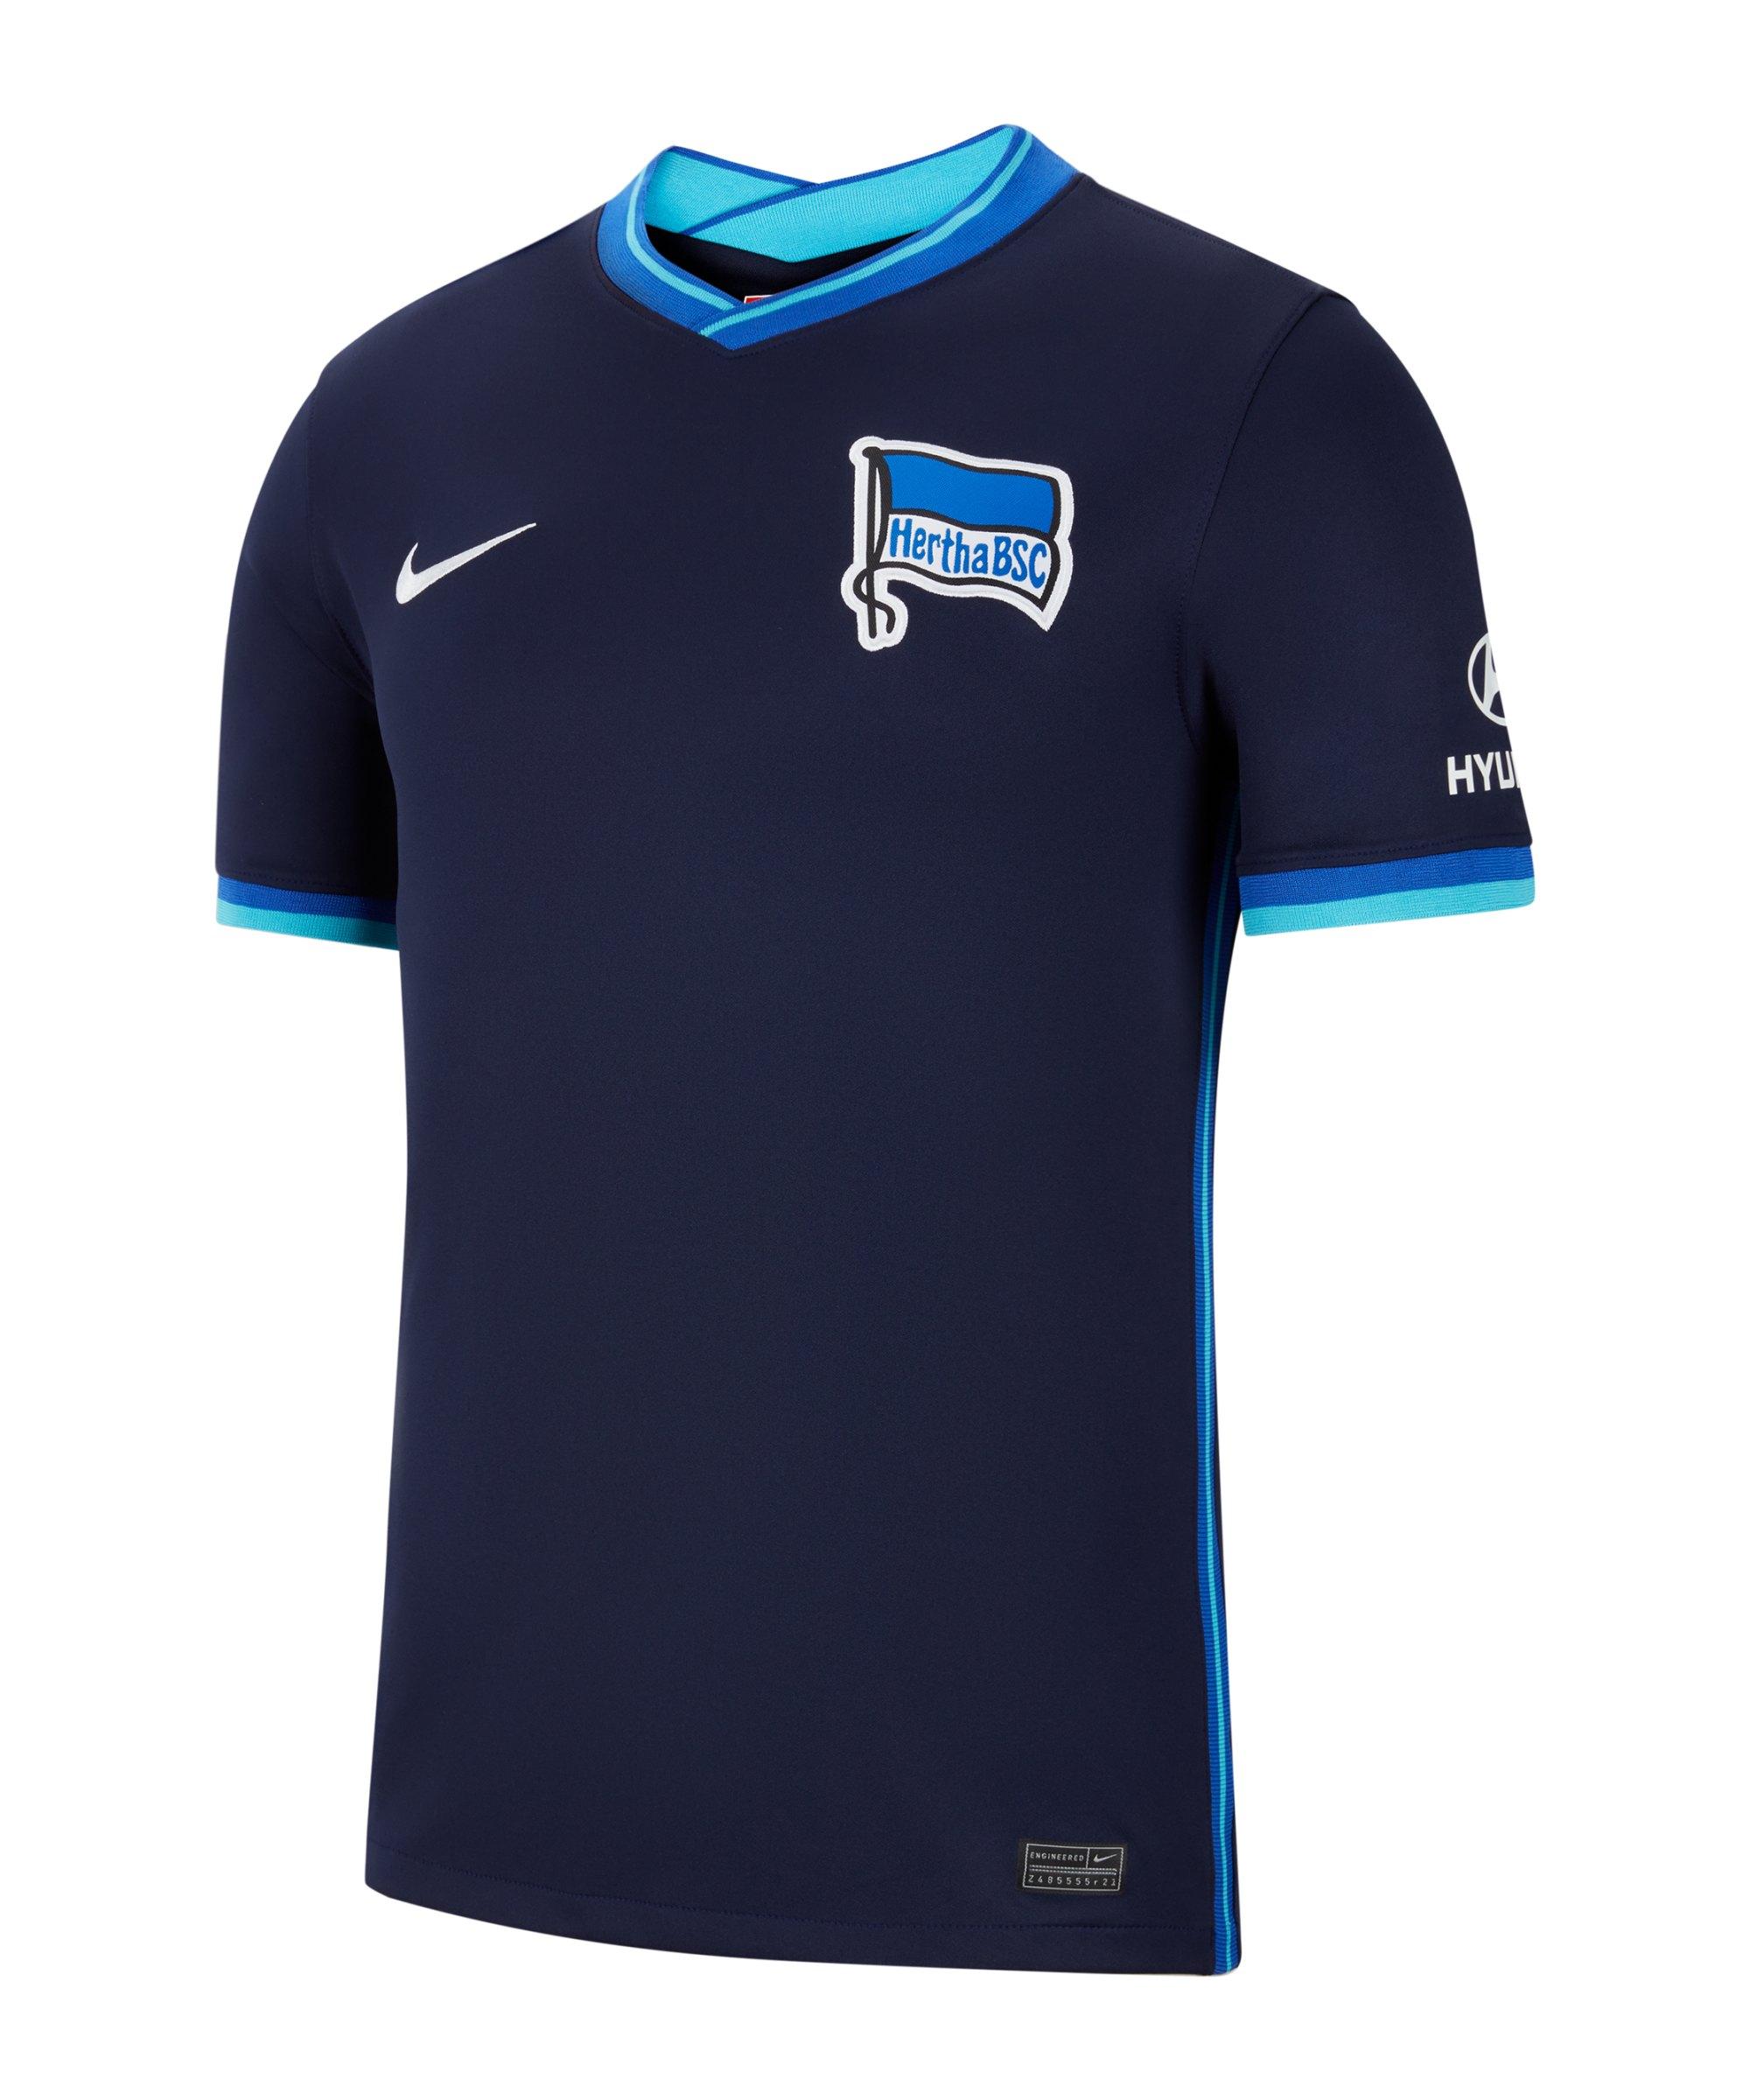 Nike Hertha BSC Trikot Away 2021/2022 Kids F499 - blau